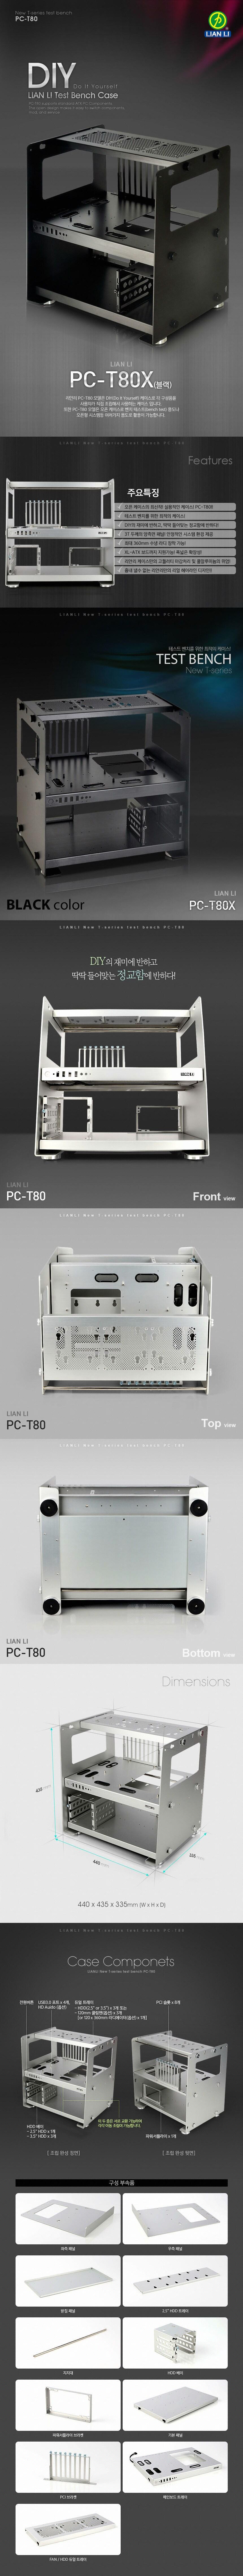 PC-T80X_INFO-01.jpg